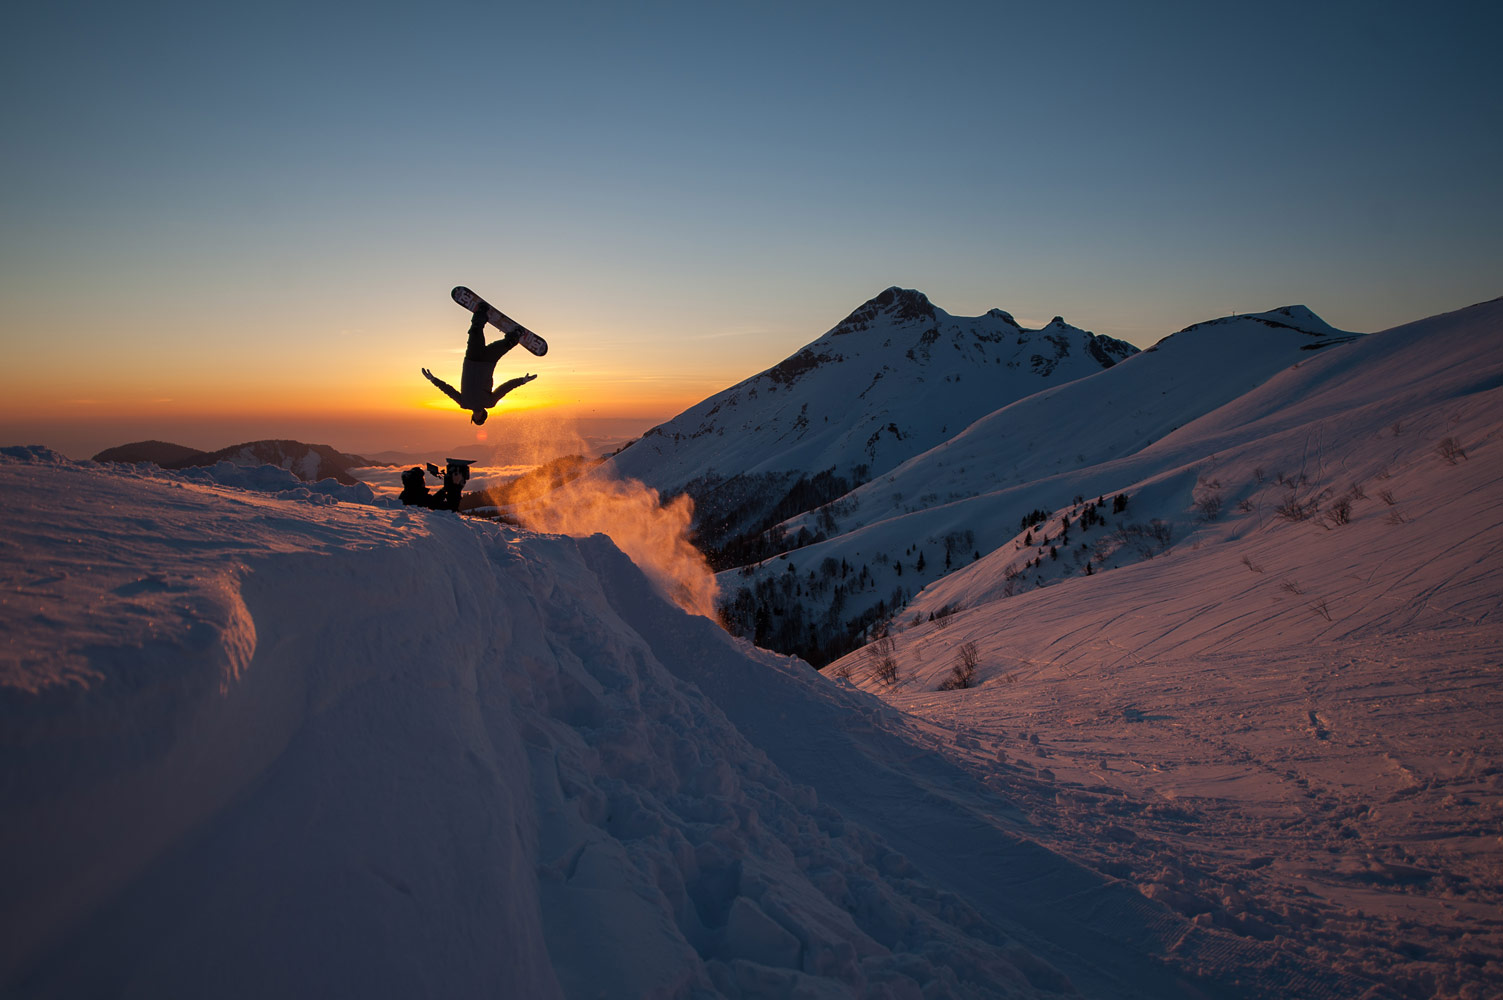 Никита Клюквин, Полёт наяву, 1 место в номинации «Движение», любители, Фотоконкурс Nikon «Я в сердце изображения»